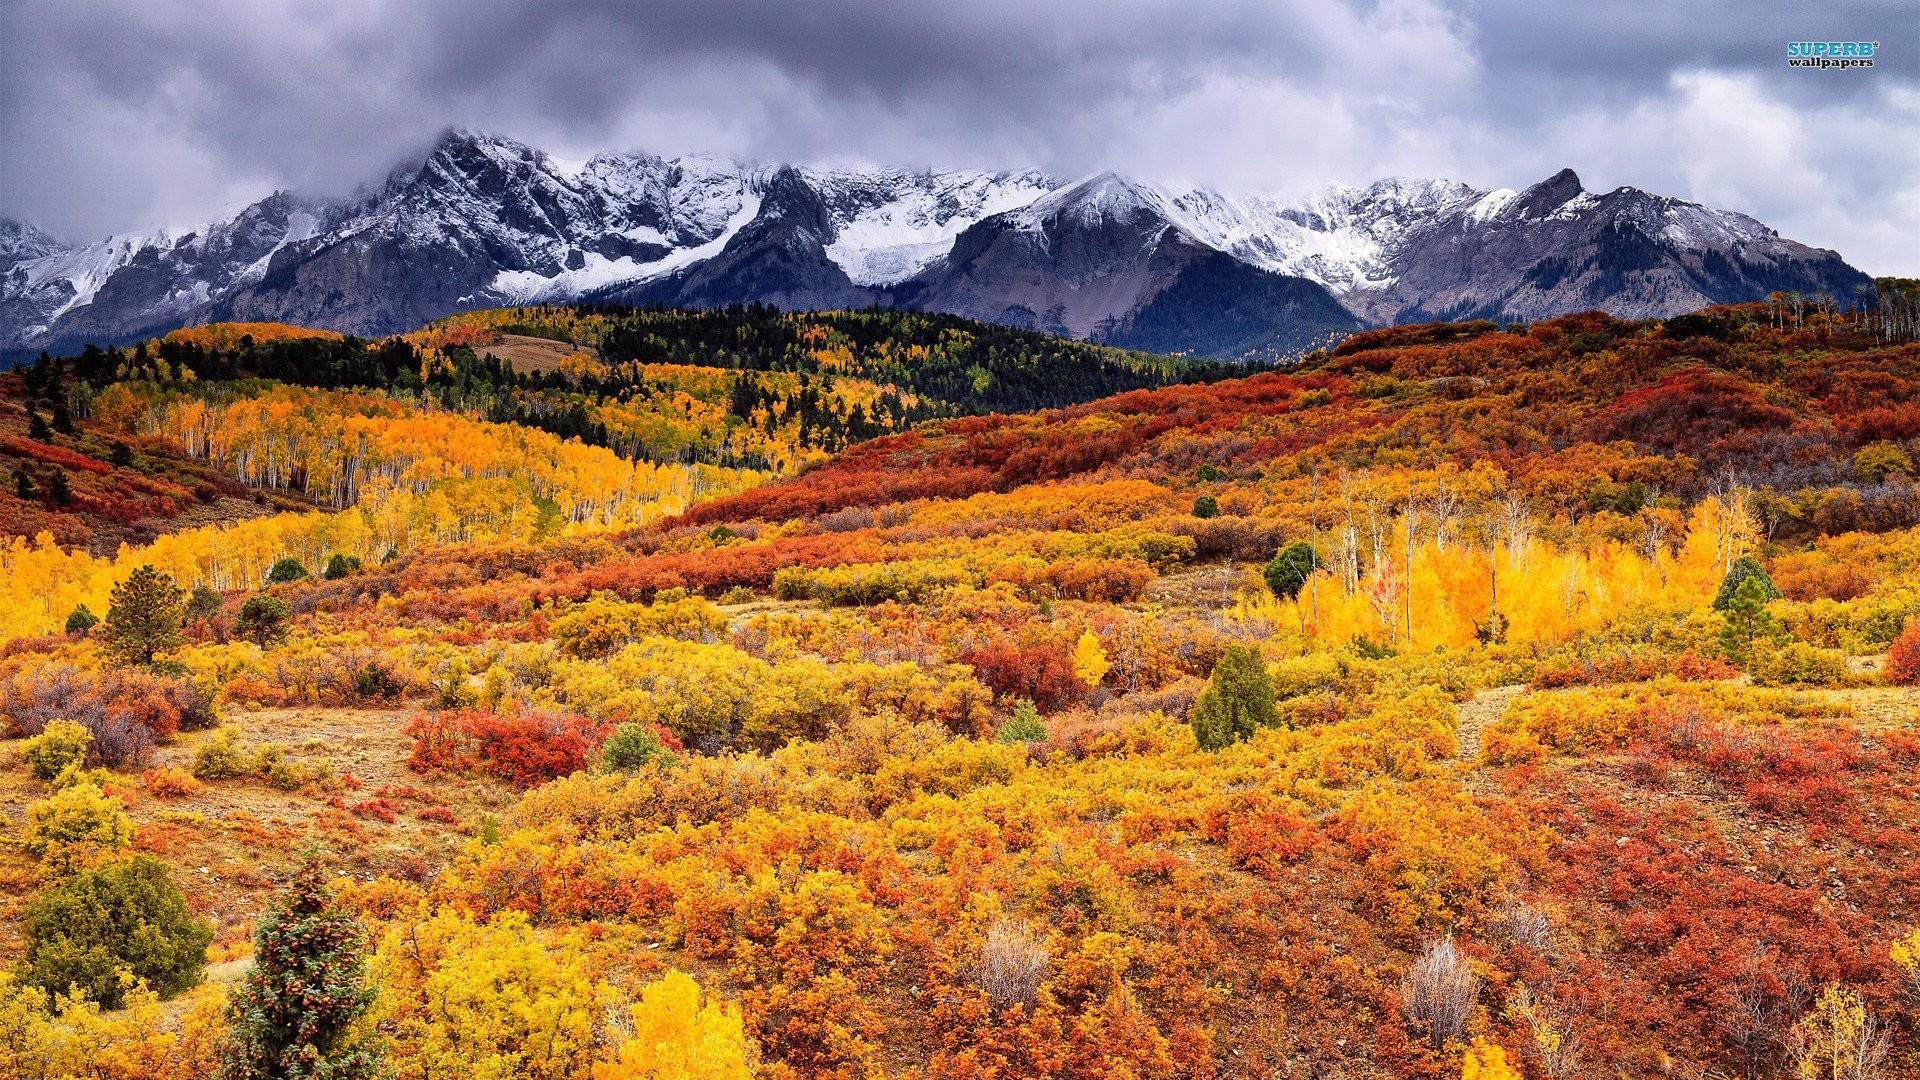 Sfondi desktop autunno 49 immagini for Immagini autunno hd